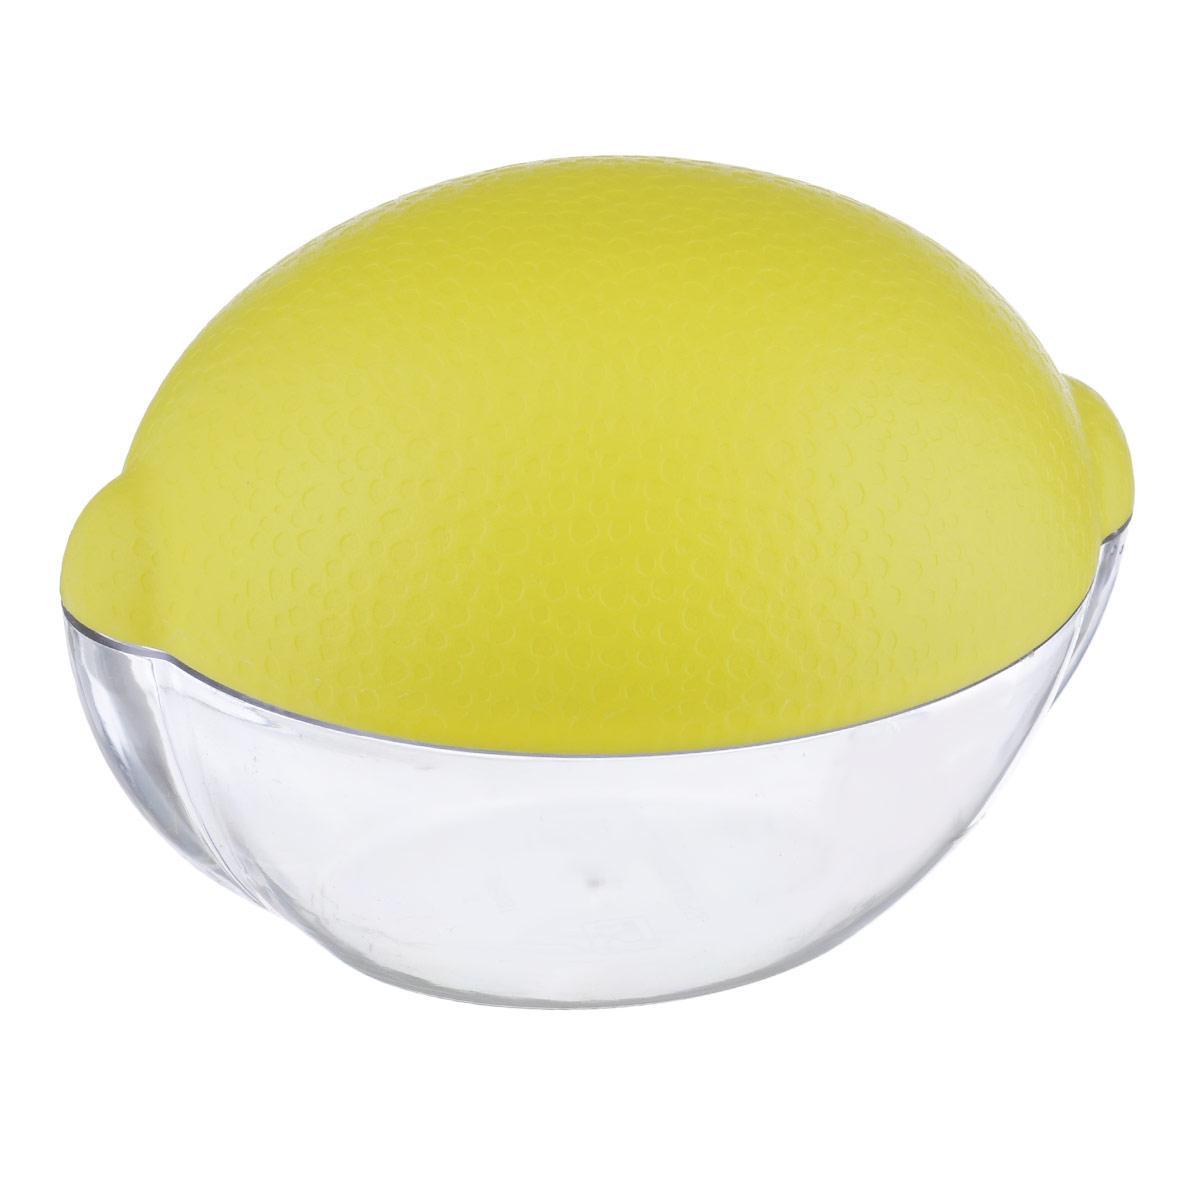 Контейнер для лимона Phibo, цвет: прозрачный, желтыйС12183Контейнер для лимона Phibo изготовлен из высококачественного прочного полистирола в виде лимона. Такой контейнер - это уникальное полезное приобретение для тех, кто привык к порядку в холодильнике. Такой чехол сохранит вкусовые качества лимона и предохранит его от заветривания.